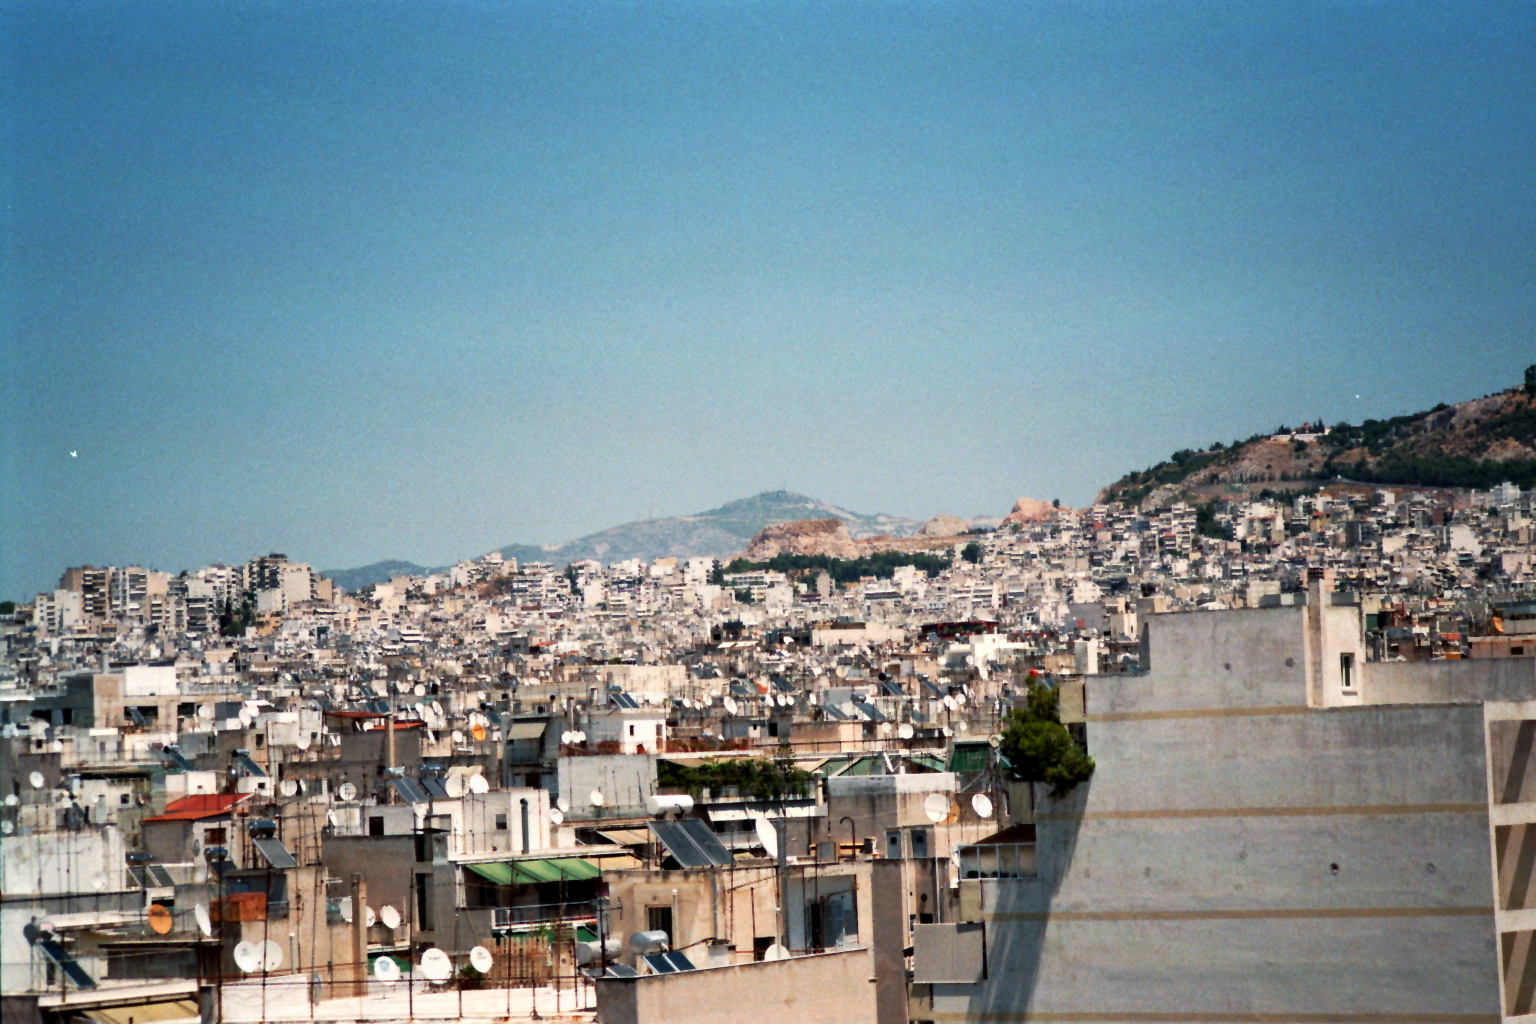 Das Häusermeer von Athen